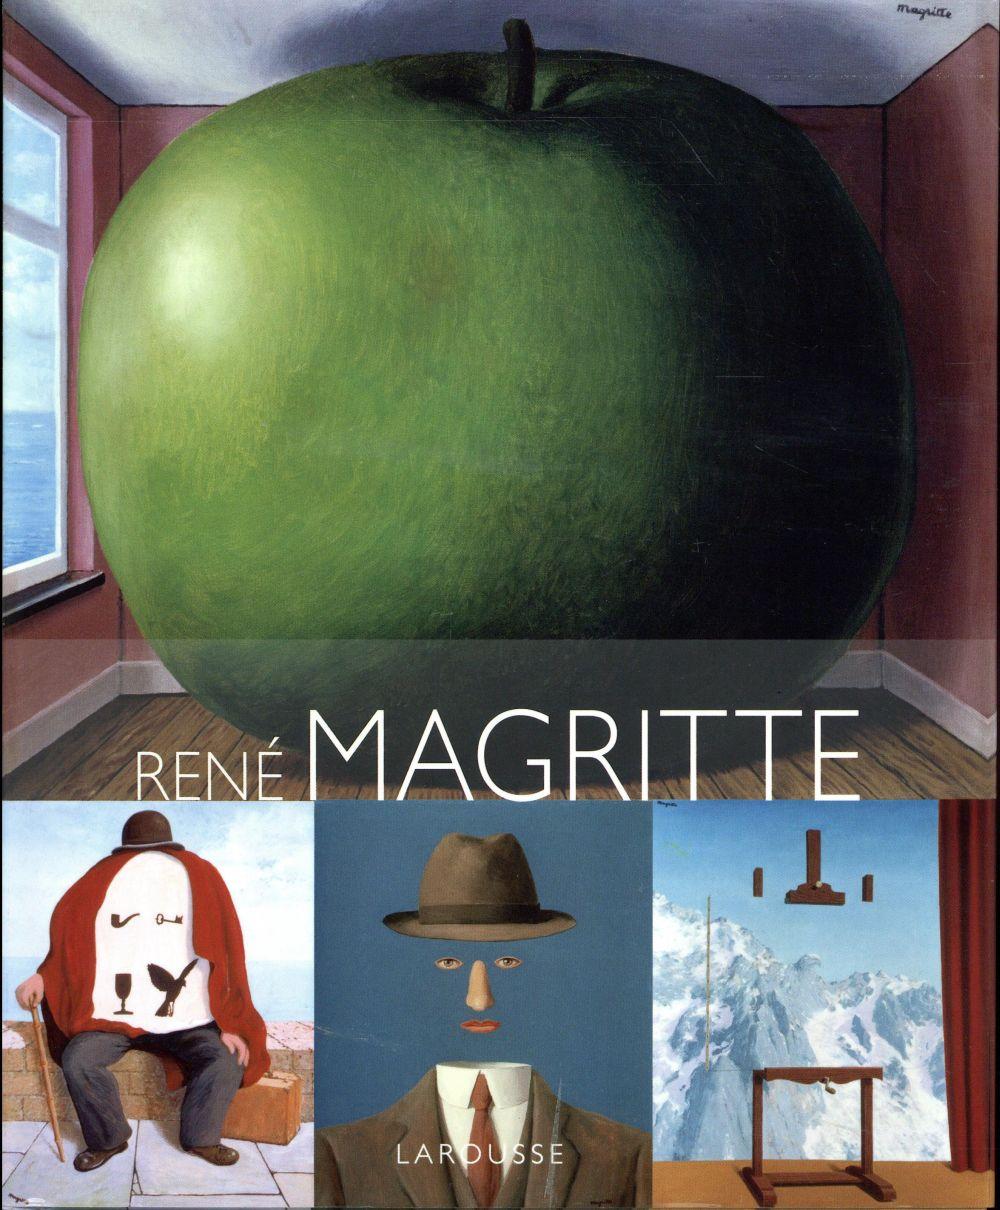 ALBUM RENE MAGRITTE